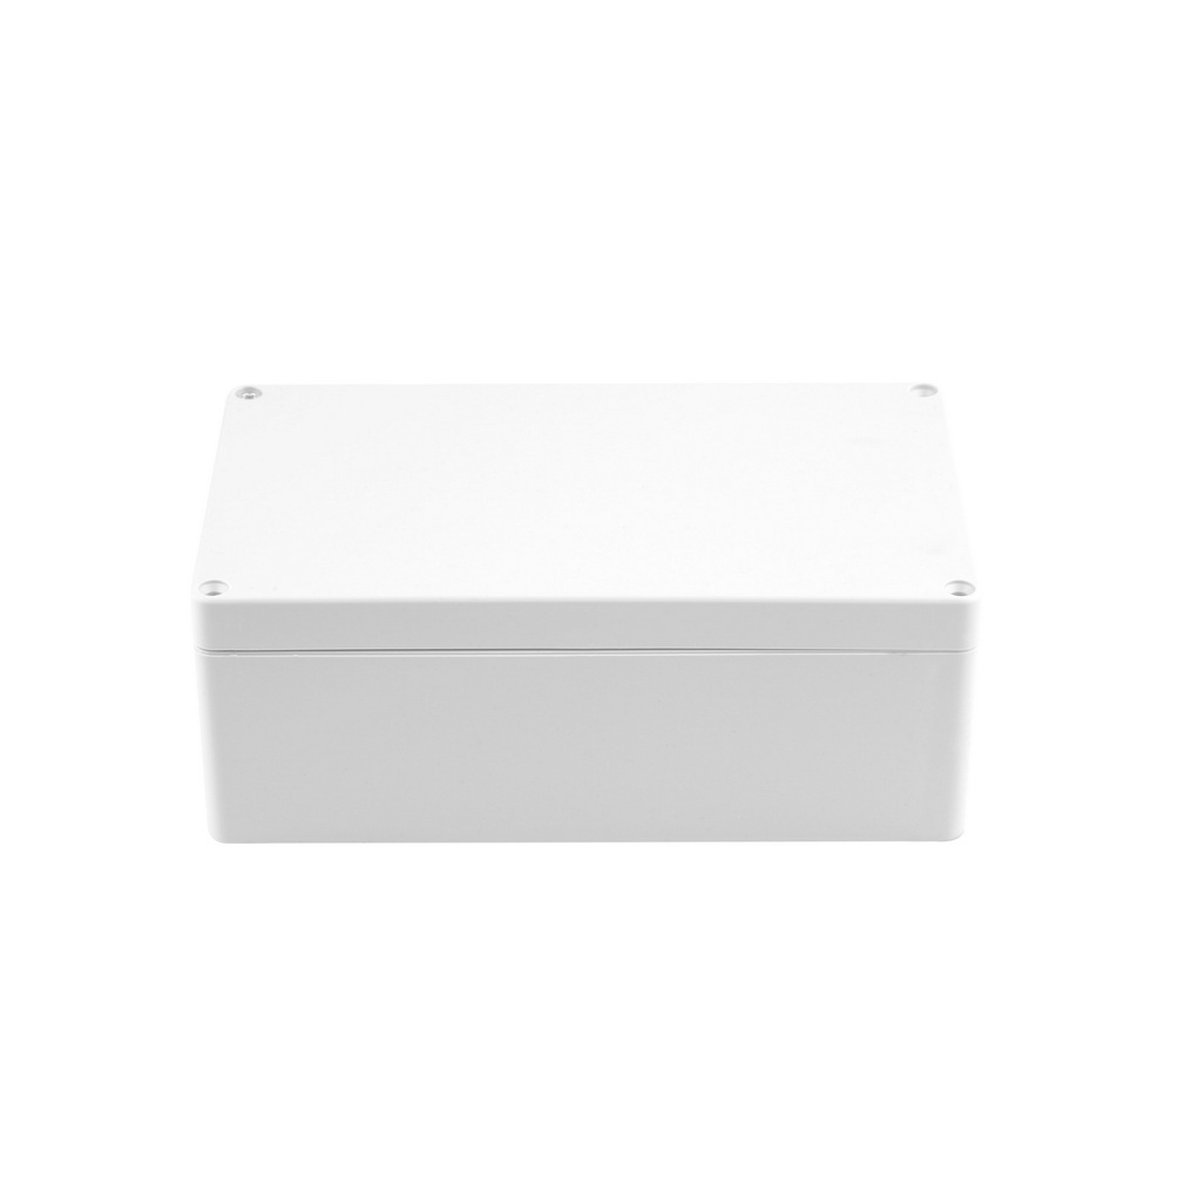 IP66 Wasserdichte Kunststoff Elektronische Junction Projekt Box Geh/äuse f/ür Elektronik f/ür PCB mit transparenten 200x120x75mm